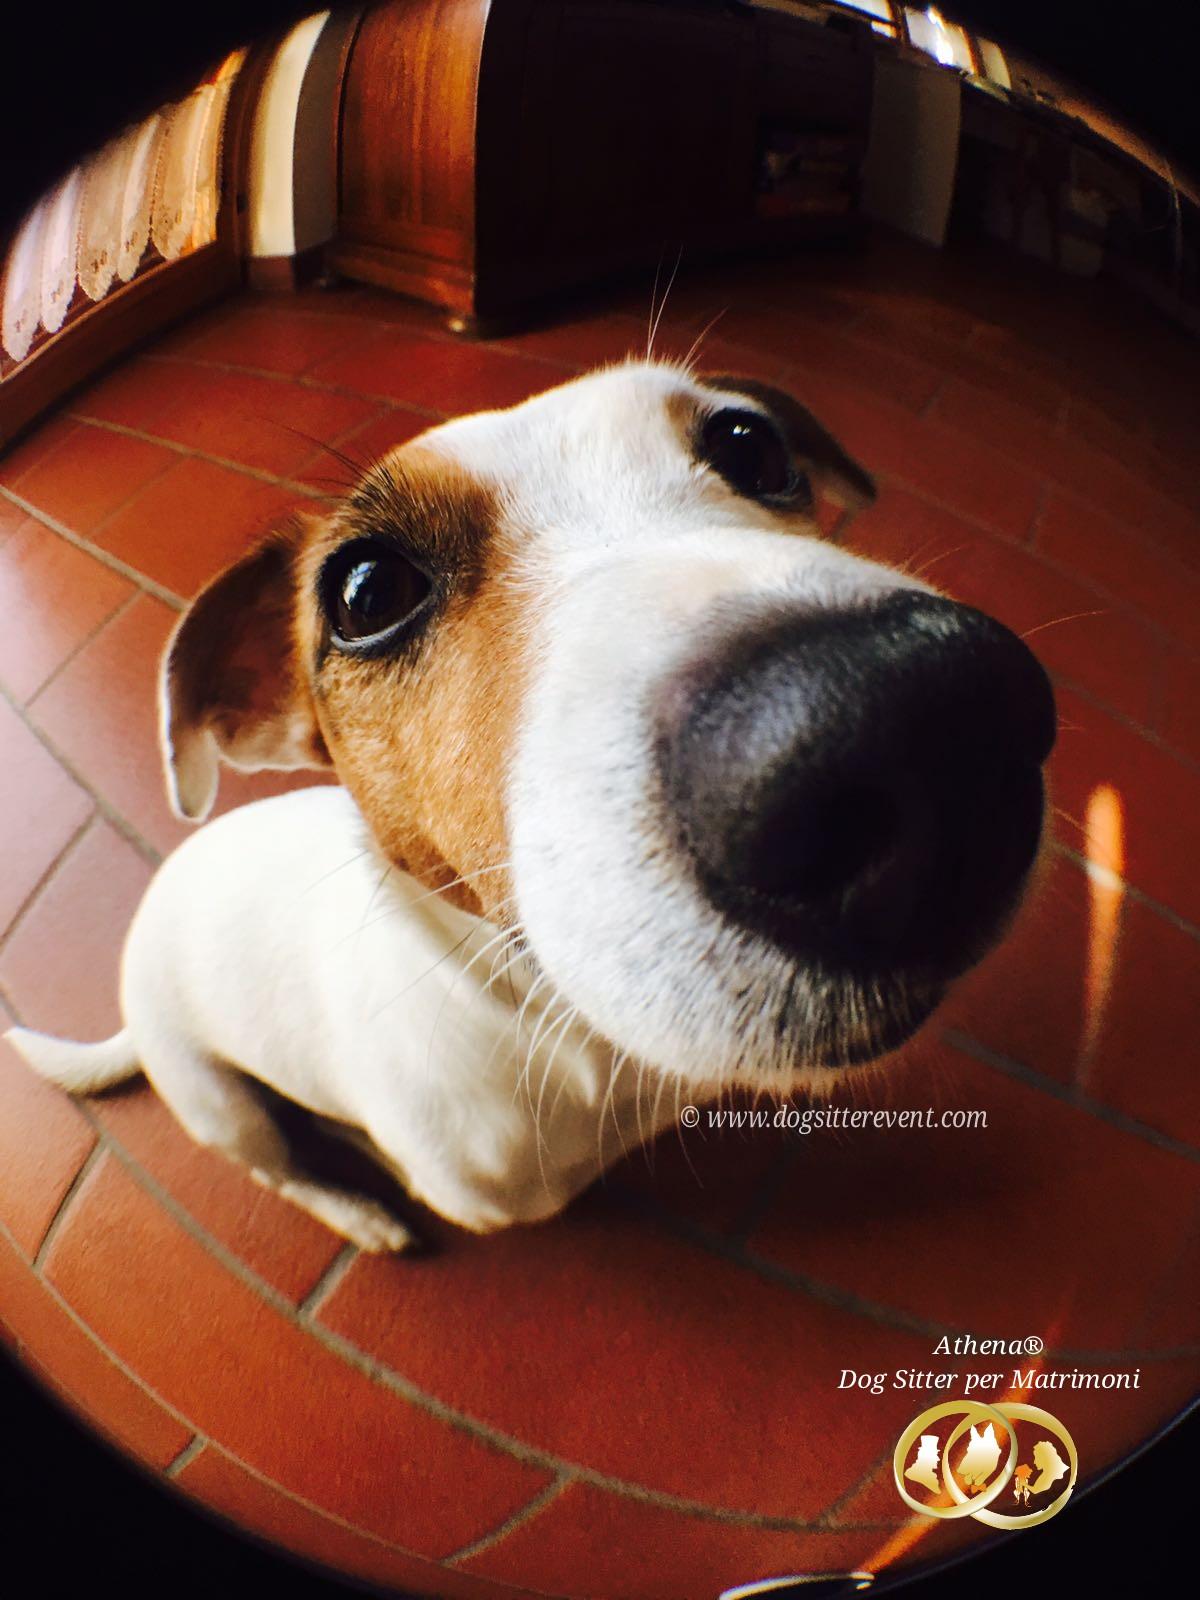 Dog Sitter per Matrimoni Athena, un consiglio per il vostro cane